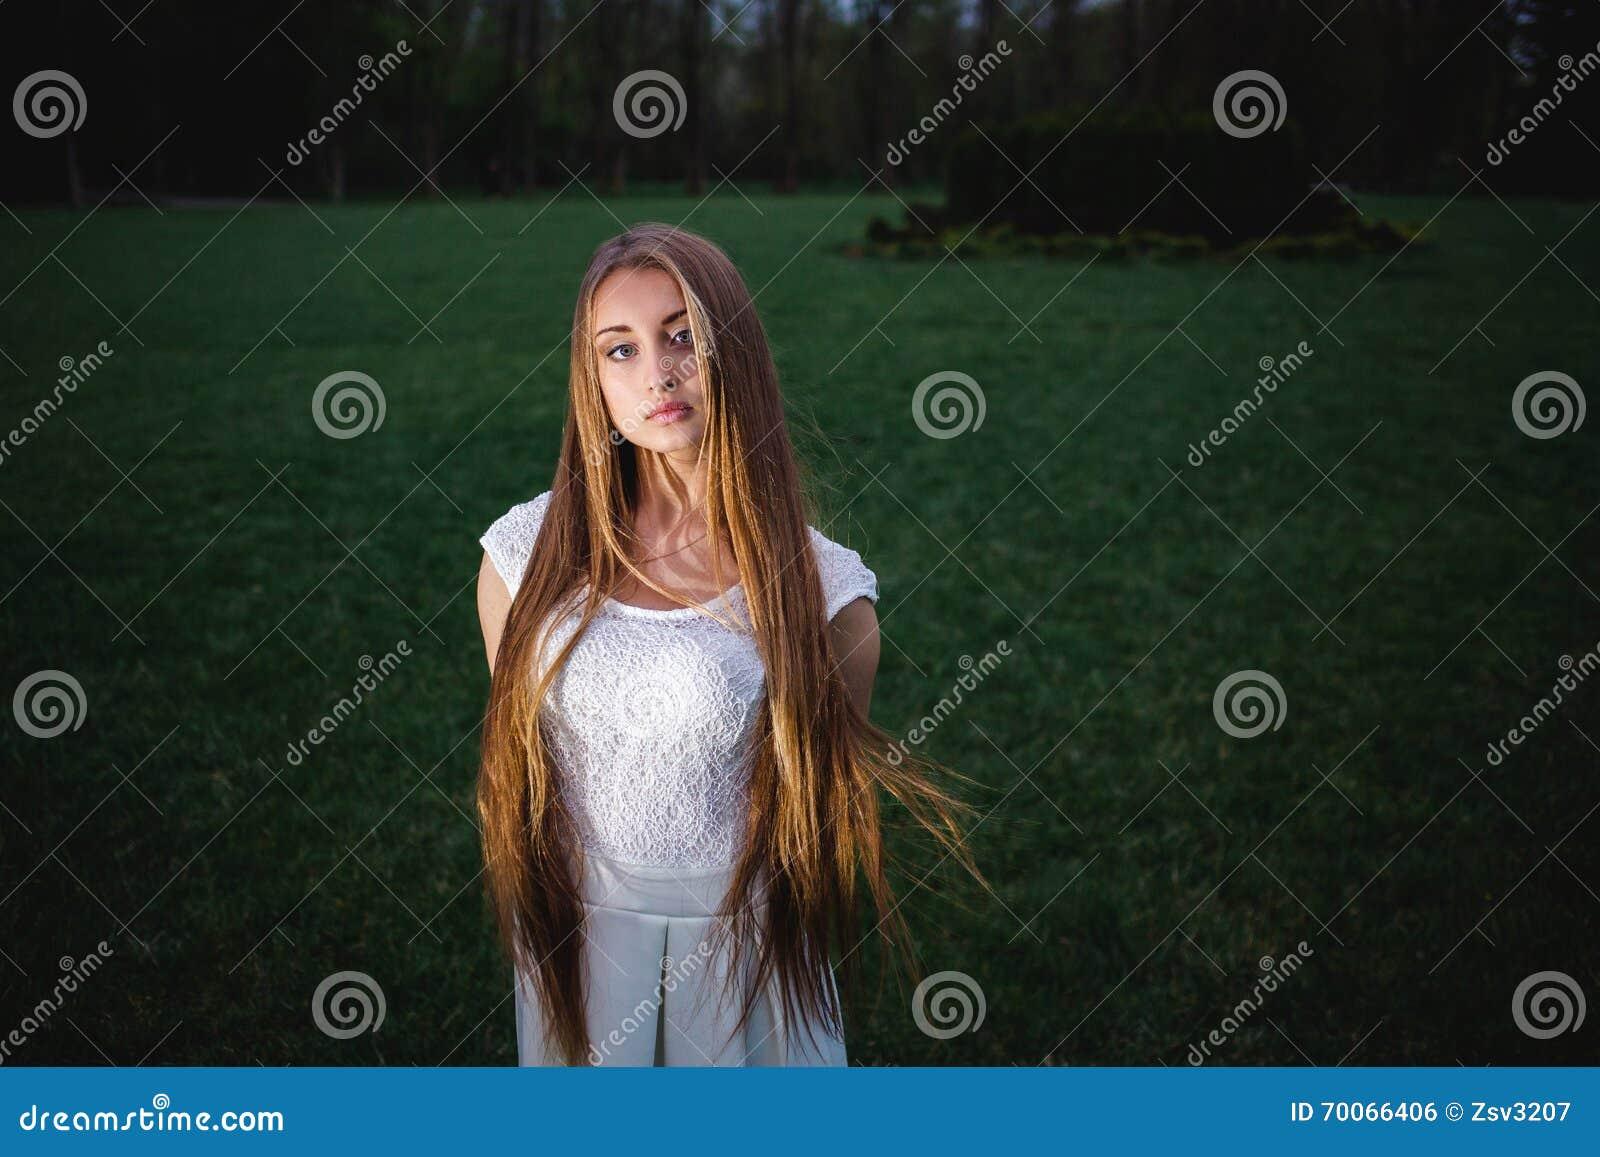 Giovane ragazza bionda illuminata da una lanterna magica nel giardino di mistero di notte